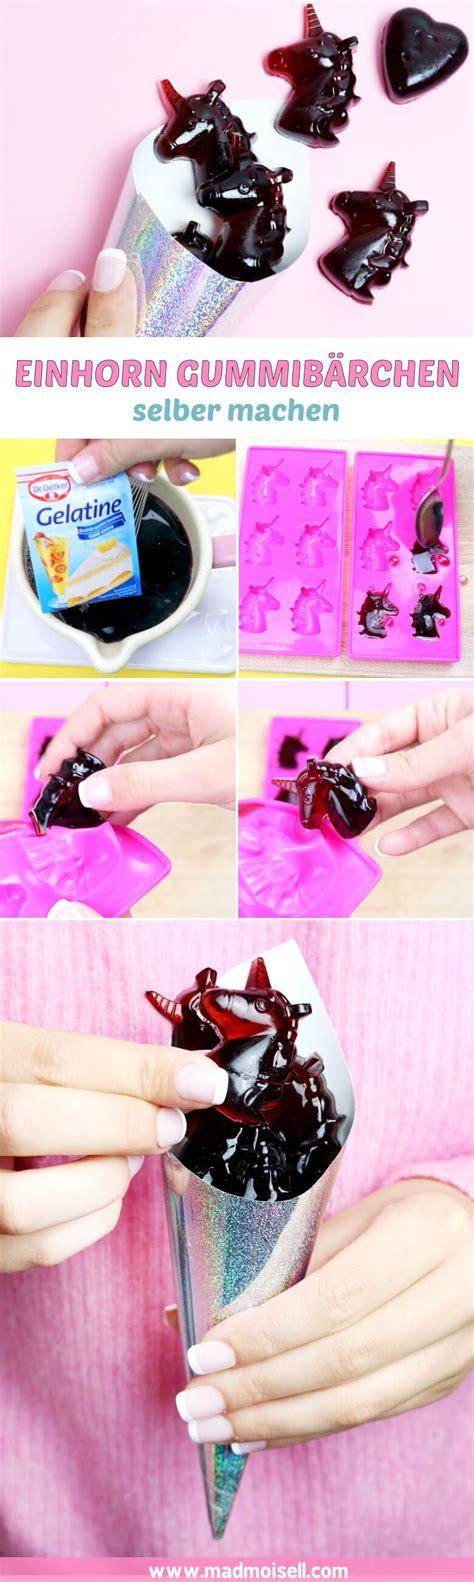 Gummibärchen selber machen Einfaches Rezept mit